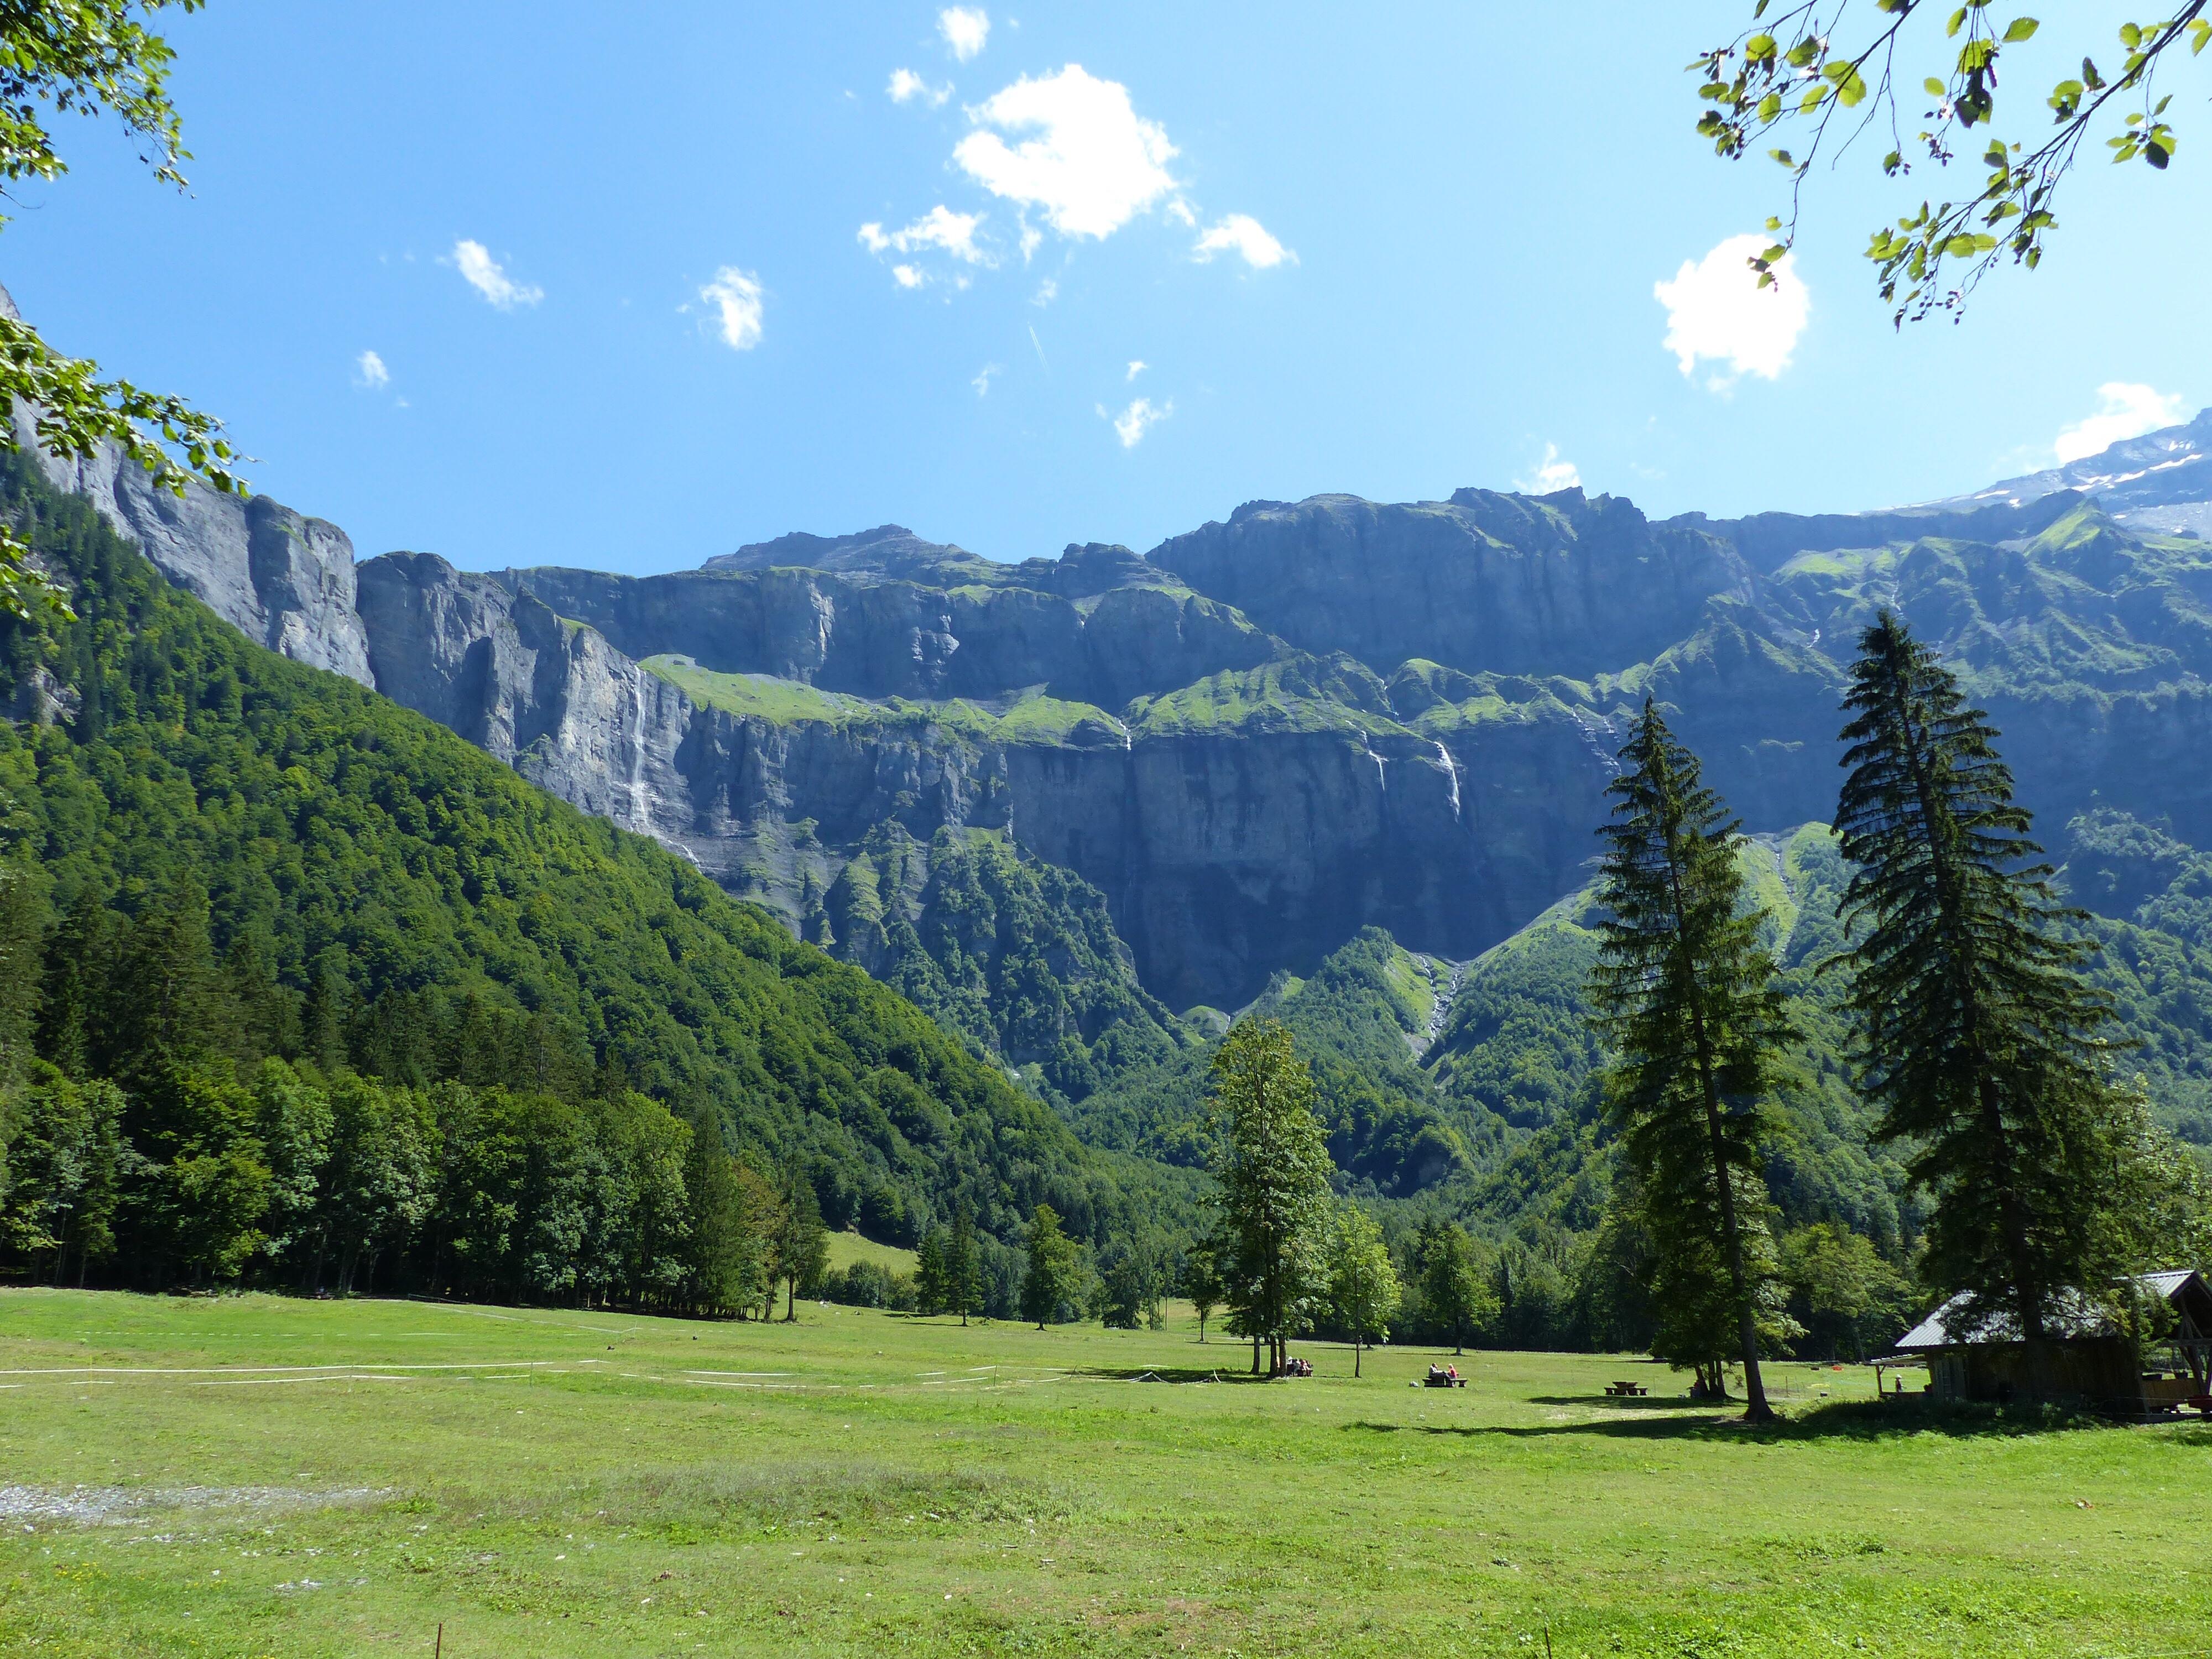 Vacances à 4 en Haute-Savoie